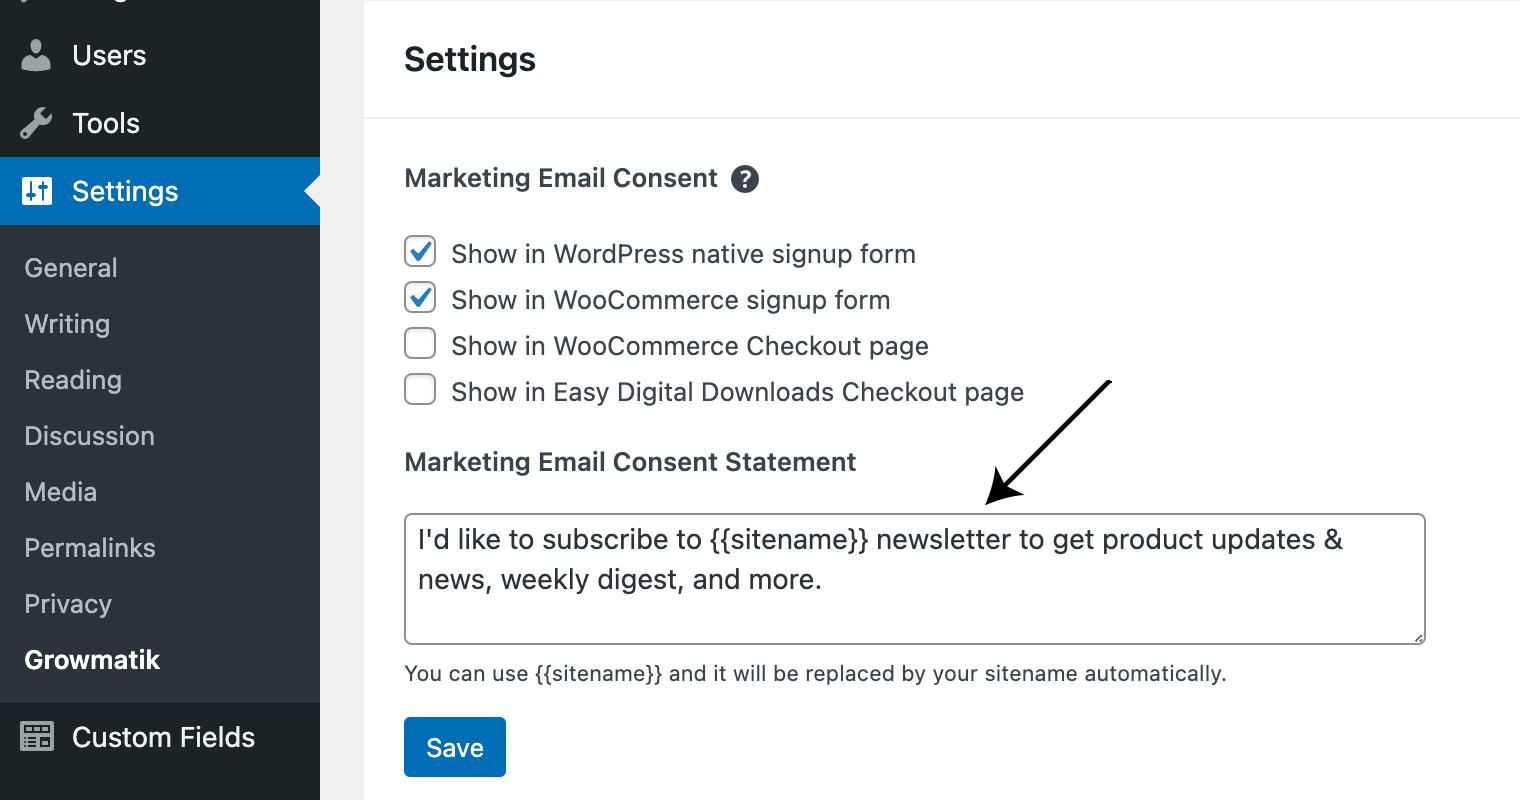 GDPR and marketing automation - WordPress settings